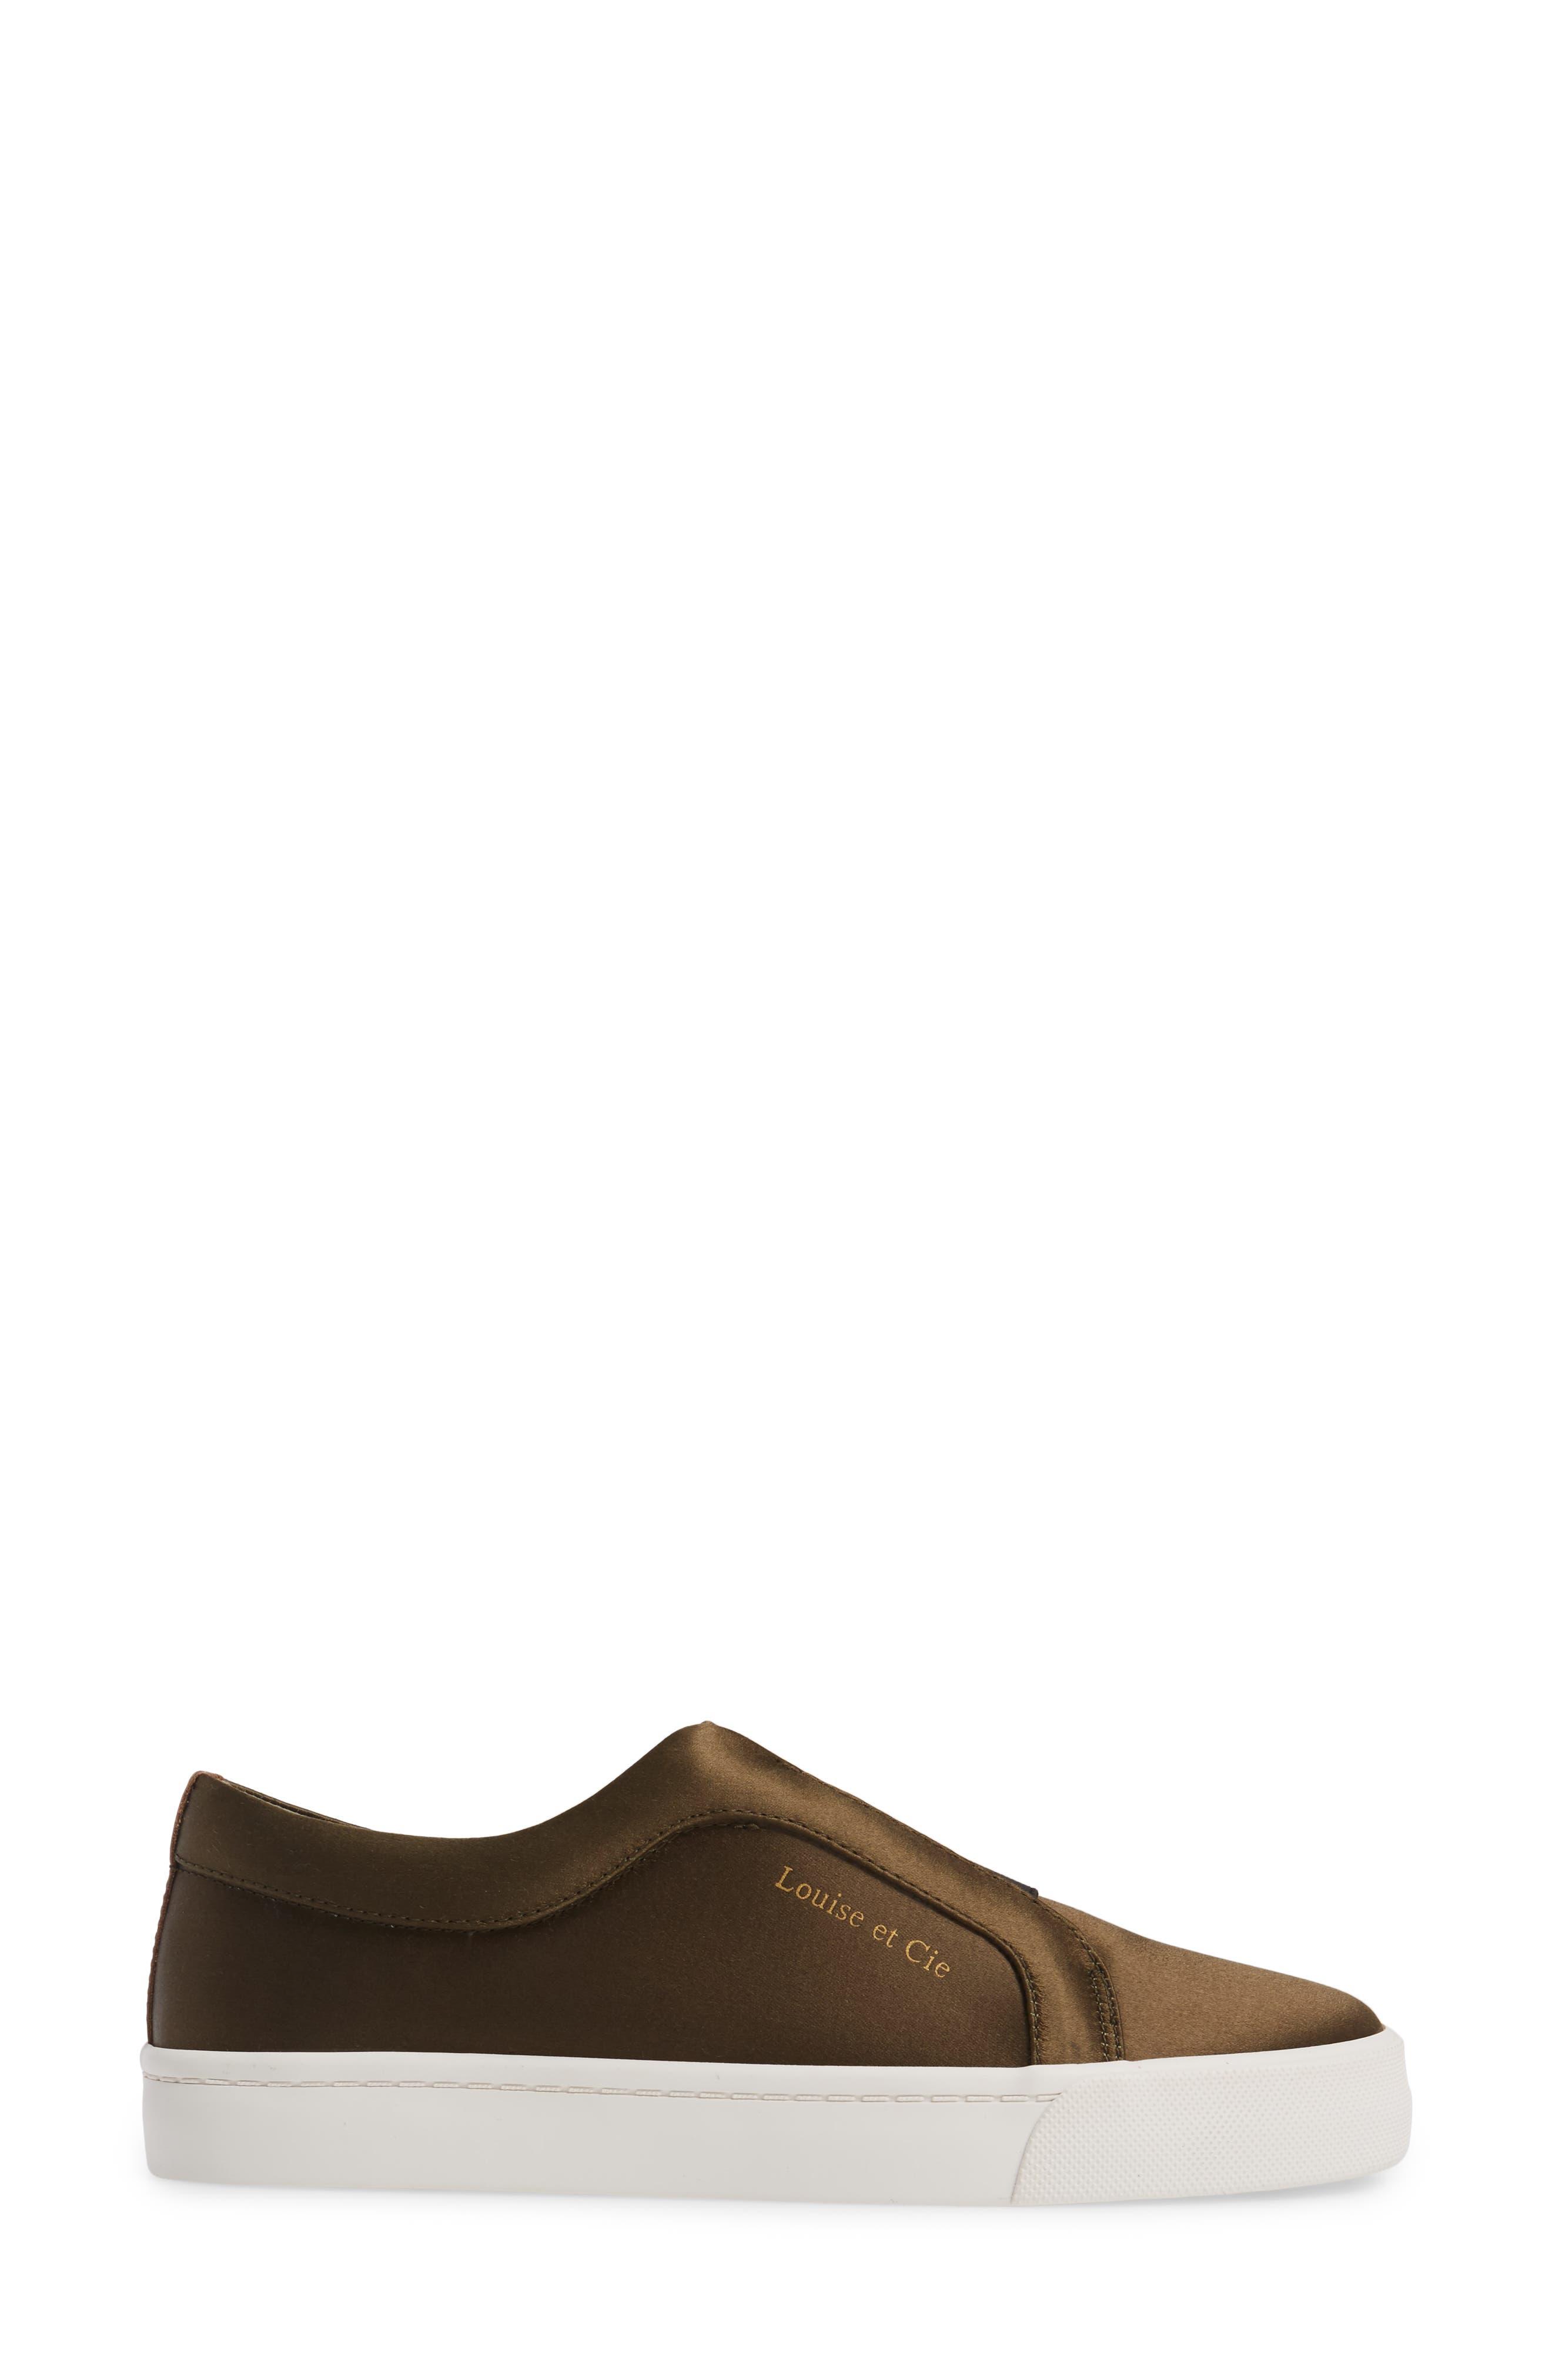 Bette Slip-On Sneaker,                             Alternate thumbnail 3, color,                             Peacoat/ Black Satin